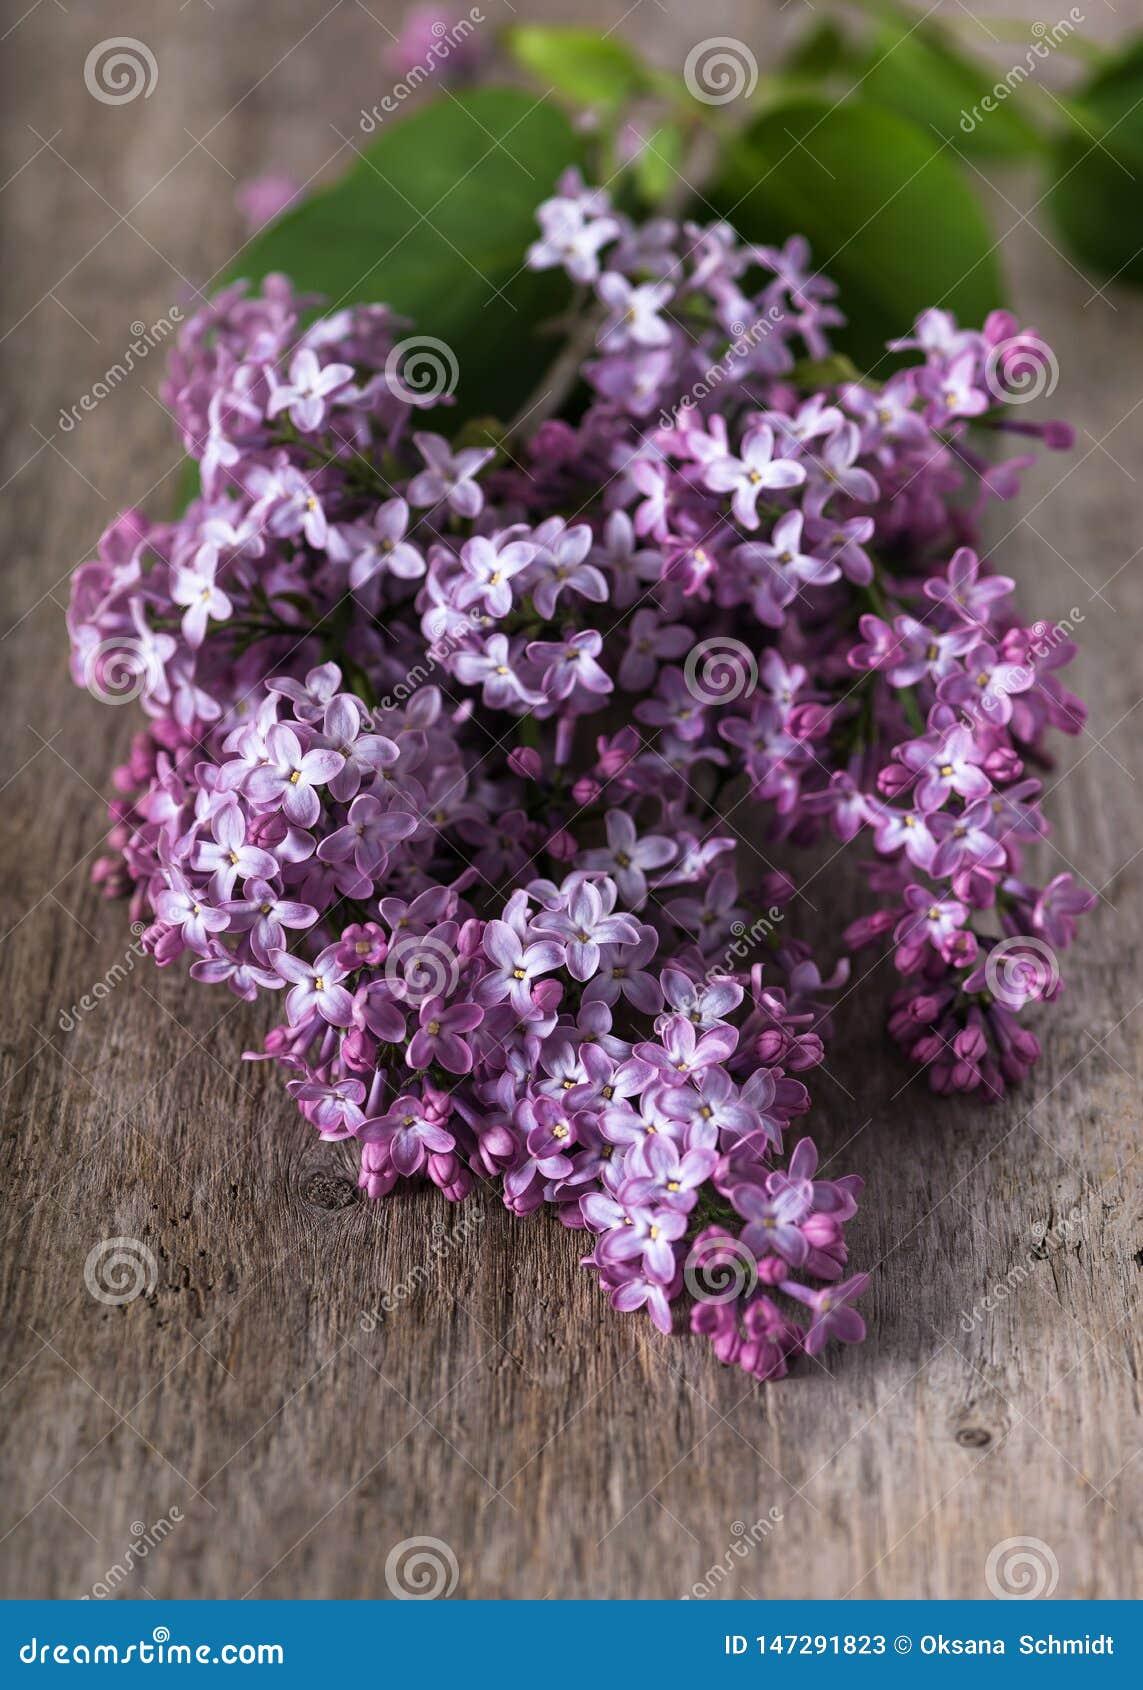 Όμορφα φρέσκα πορφυρά ιώδη ιώδη λουλούδια